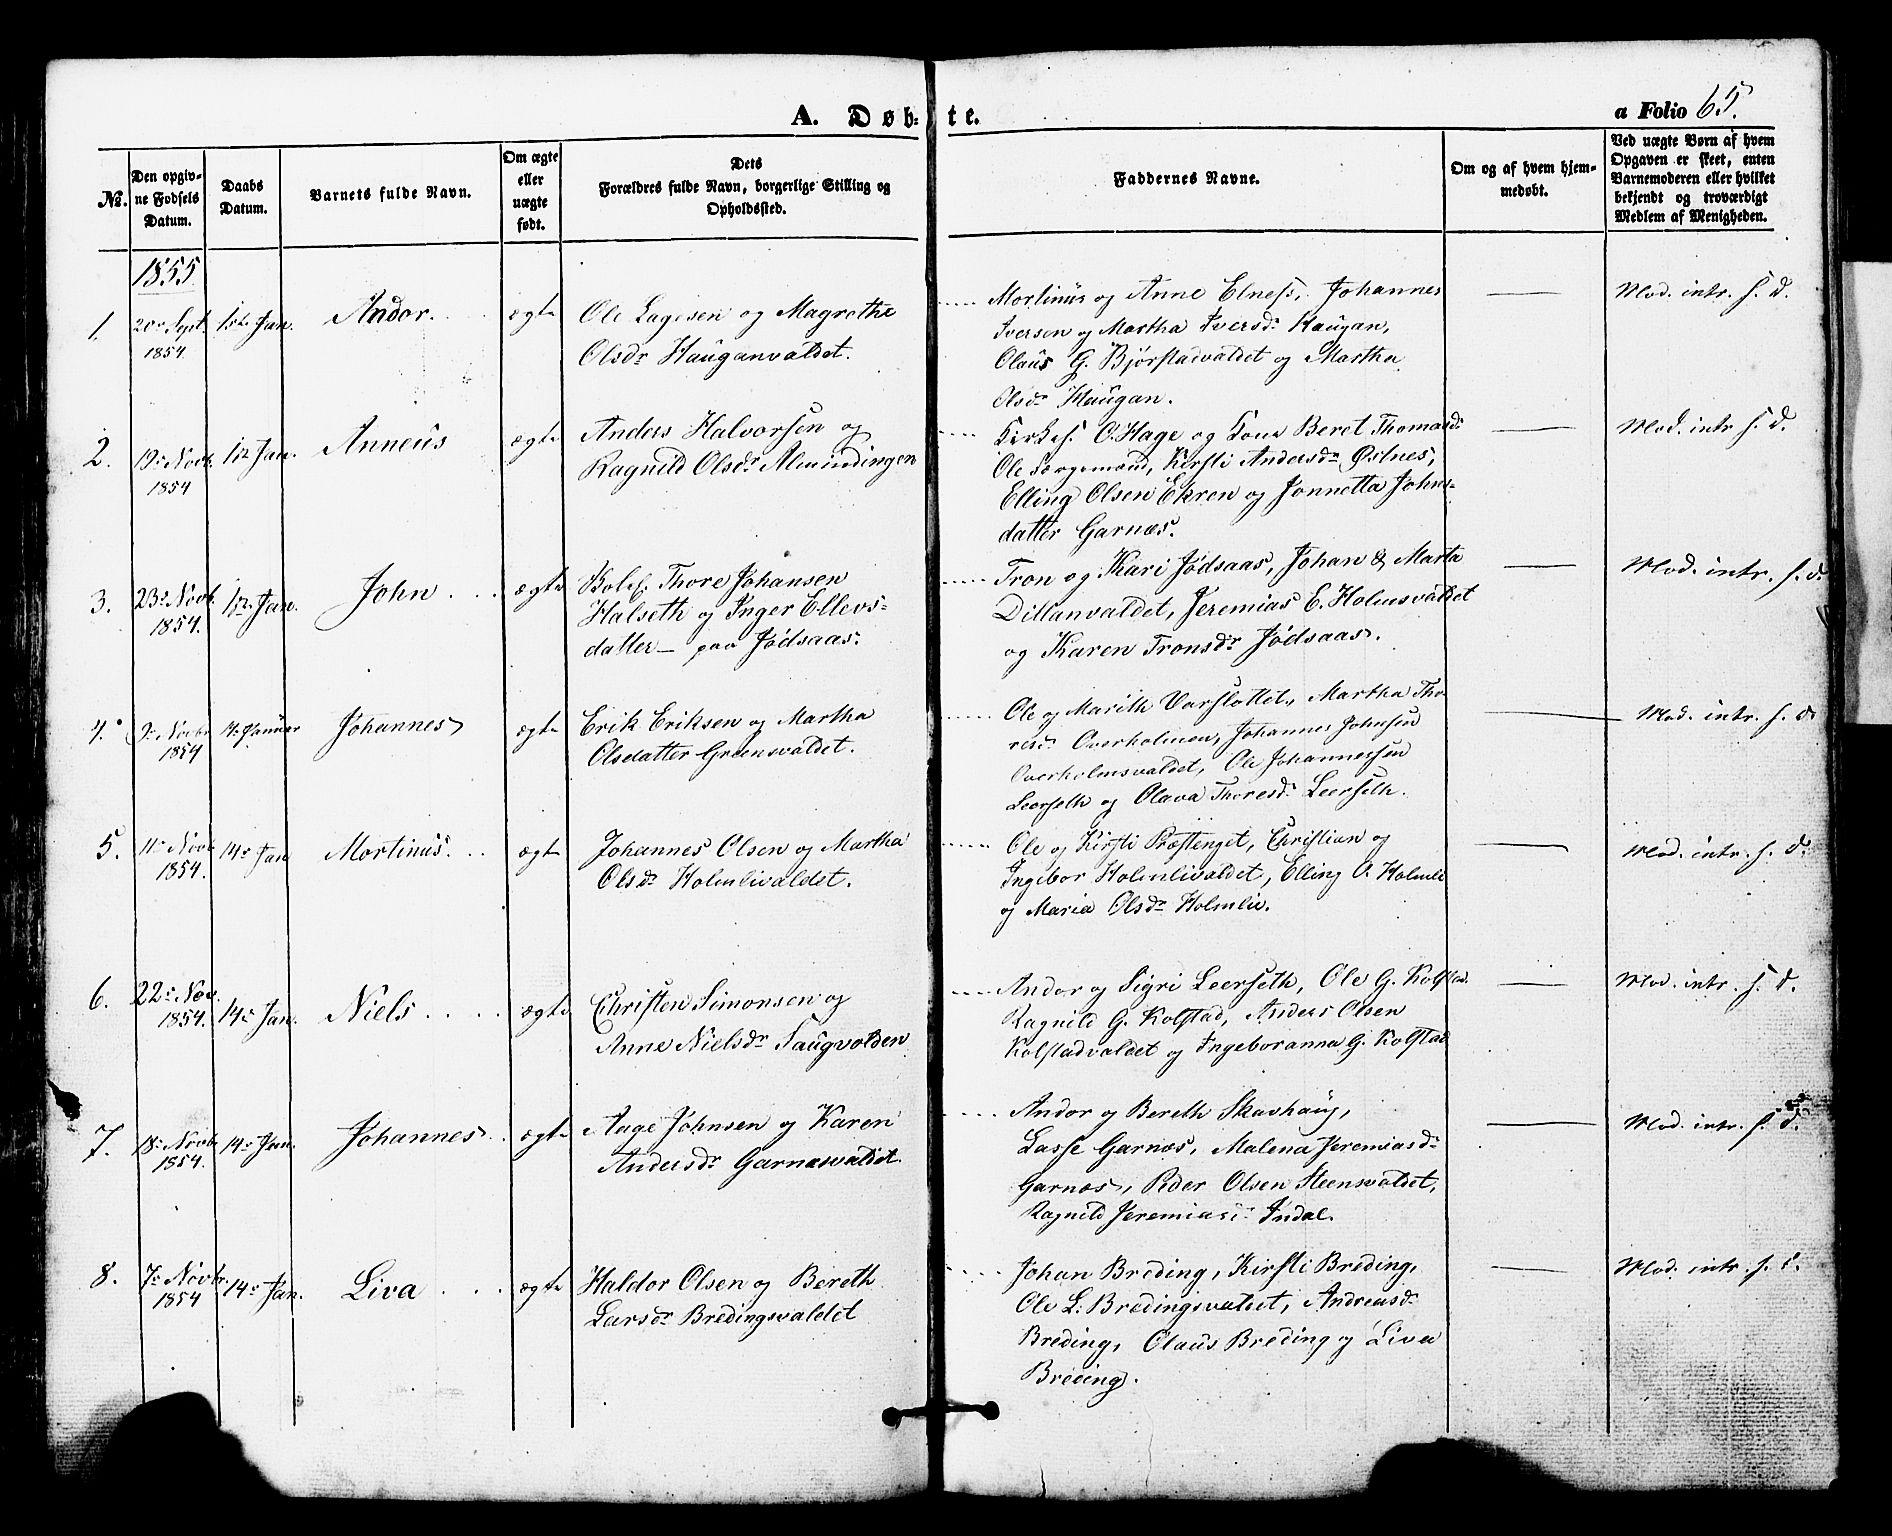 SAT, Ministerialprotokoller, klokkerbøker og fødselsregistre - Nord-Trøndelag, 724/L0268: Klokkerbok nr. 724C04, 1846-1878, s. 65